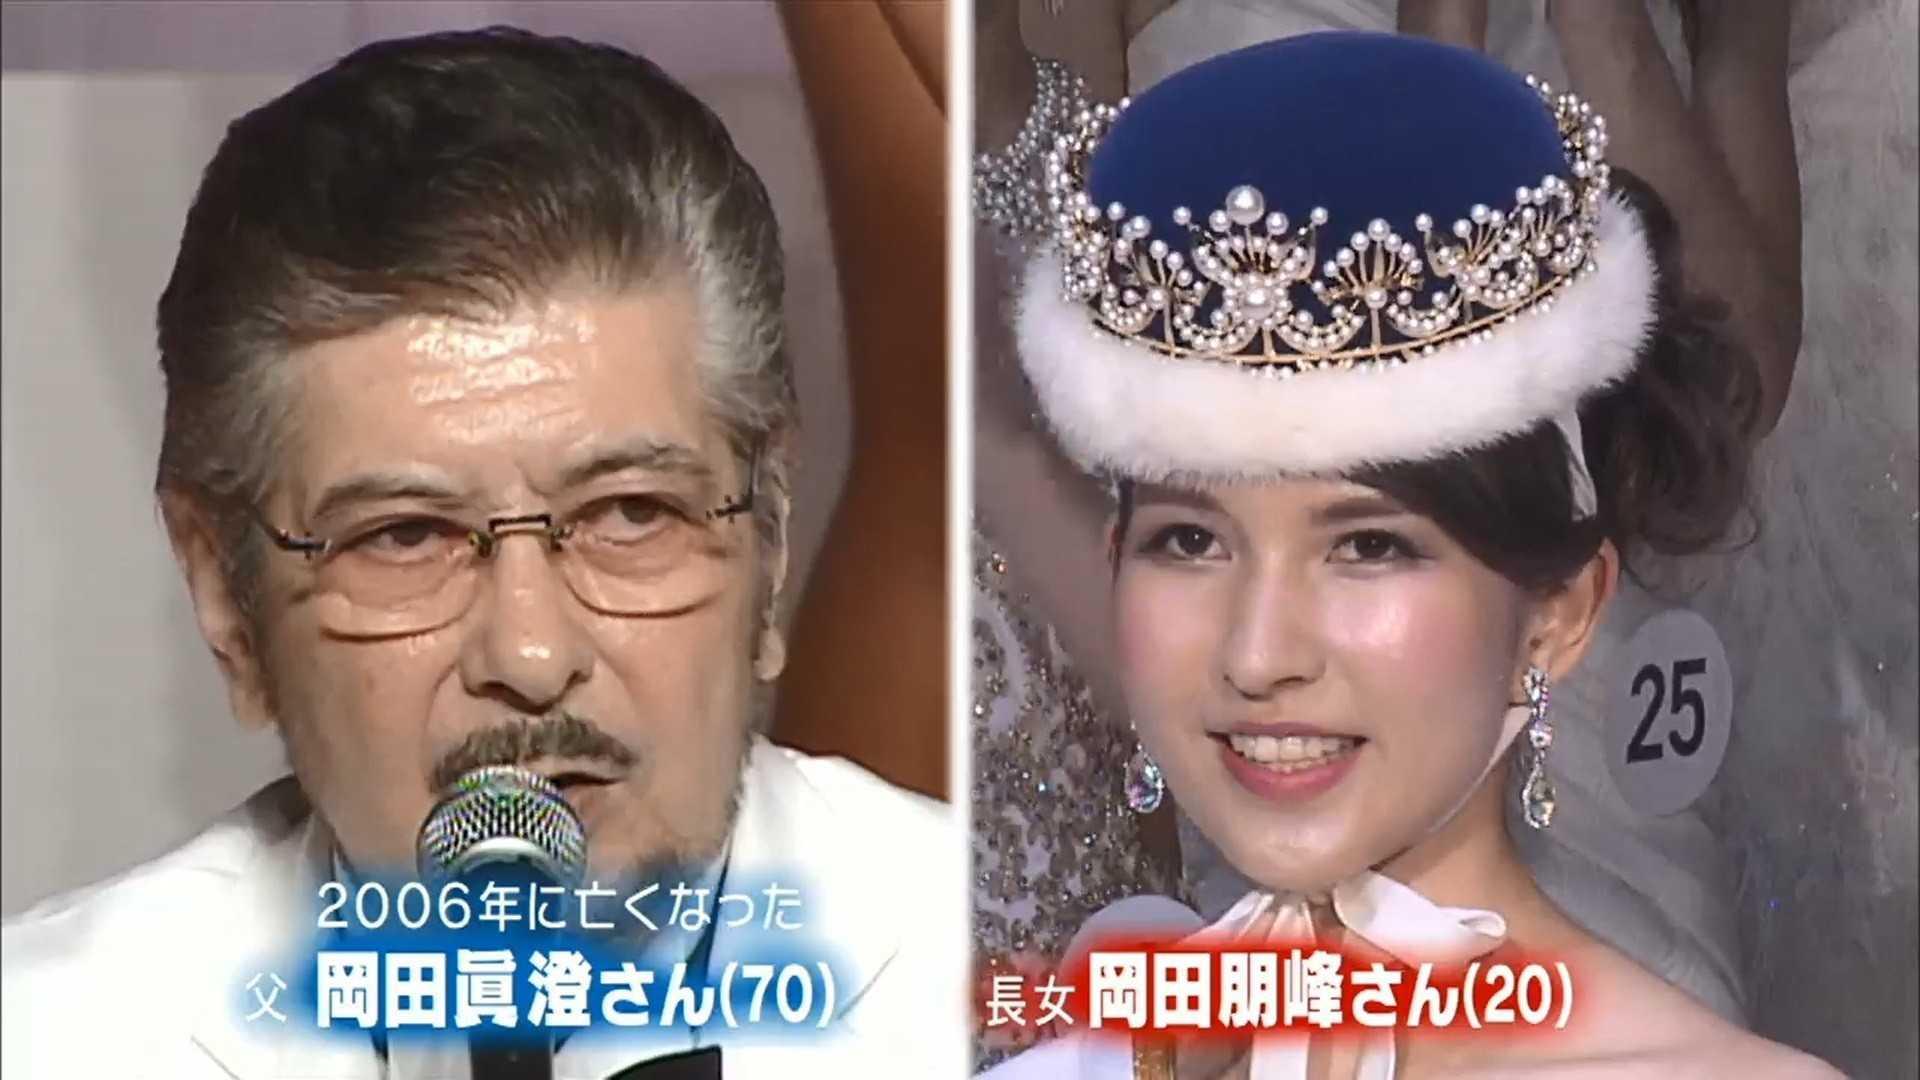 """岡田眞澄さんの長女が""""ミス・インターナショナル日本代表""""に!…「父は ..."""